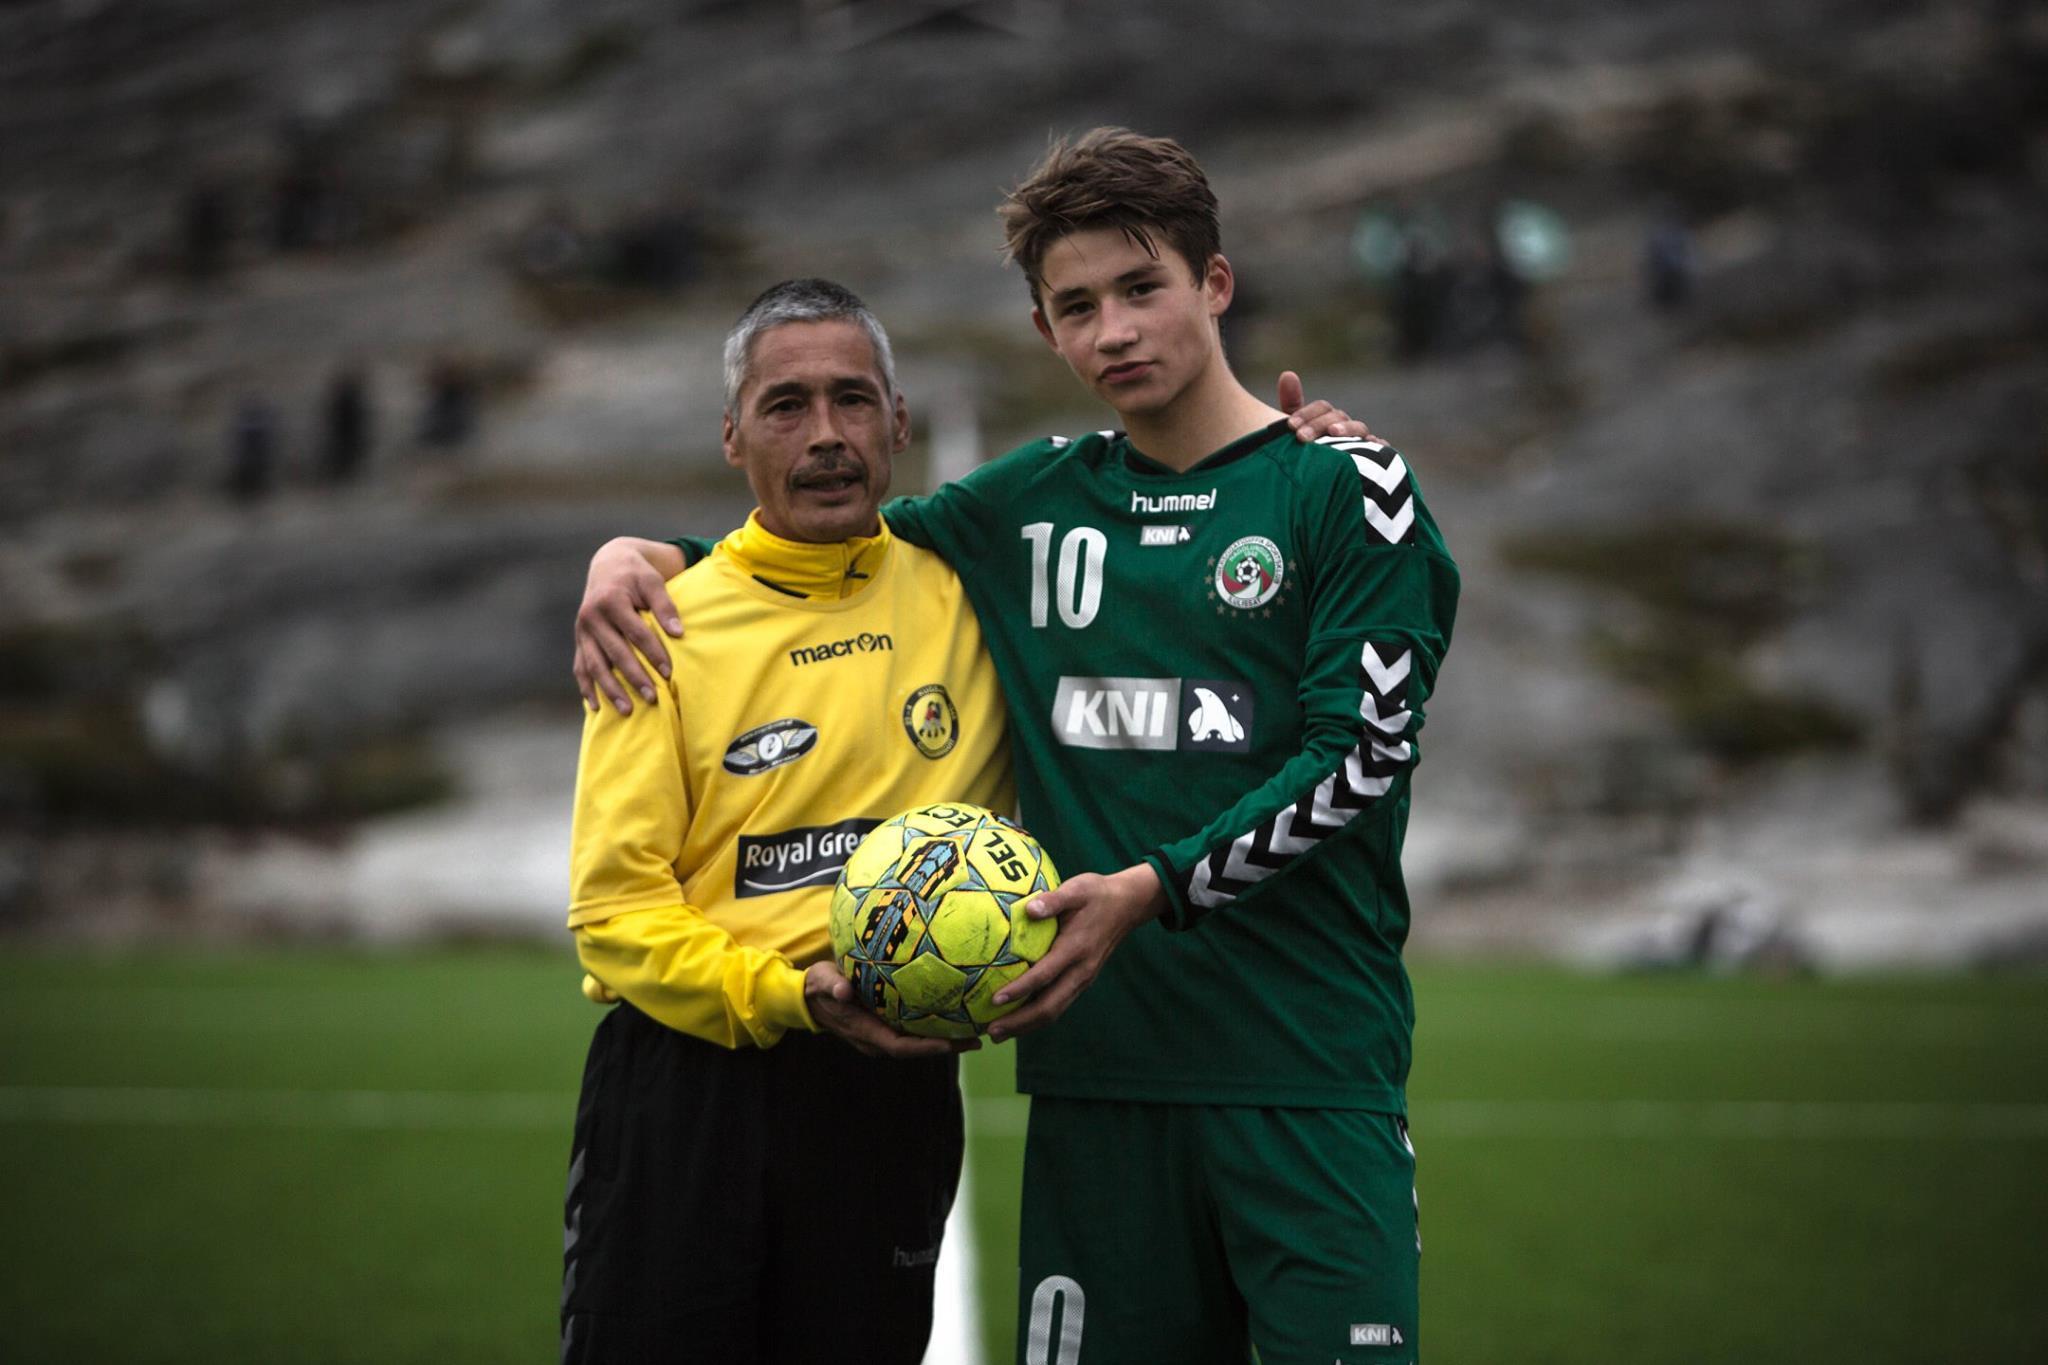 Самое короткое футбольное соревнование в мире: в Гренландии сезон длится одну неделю (+Фото, Видео) - изображение 17